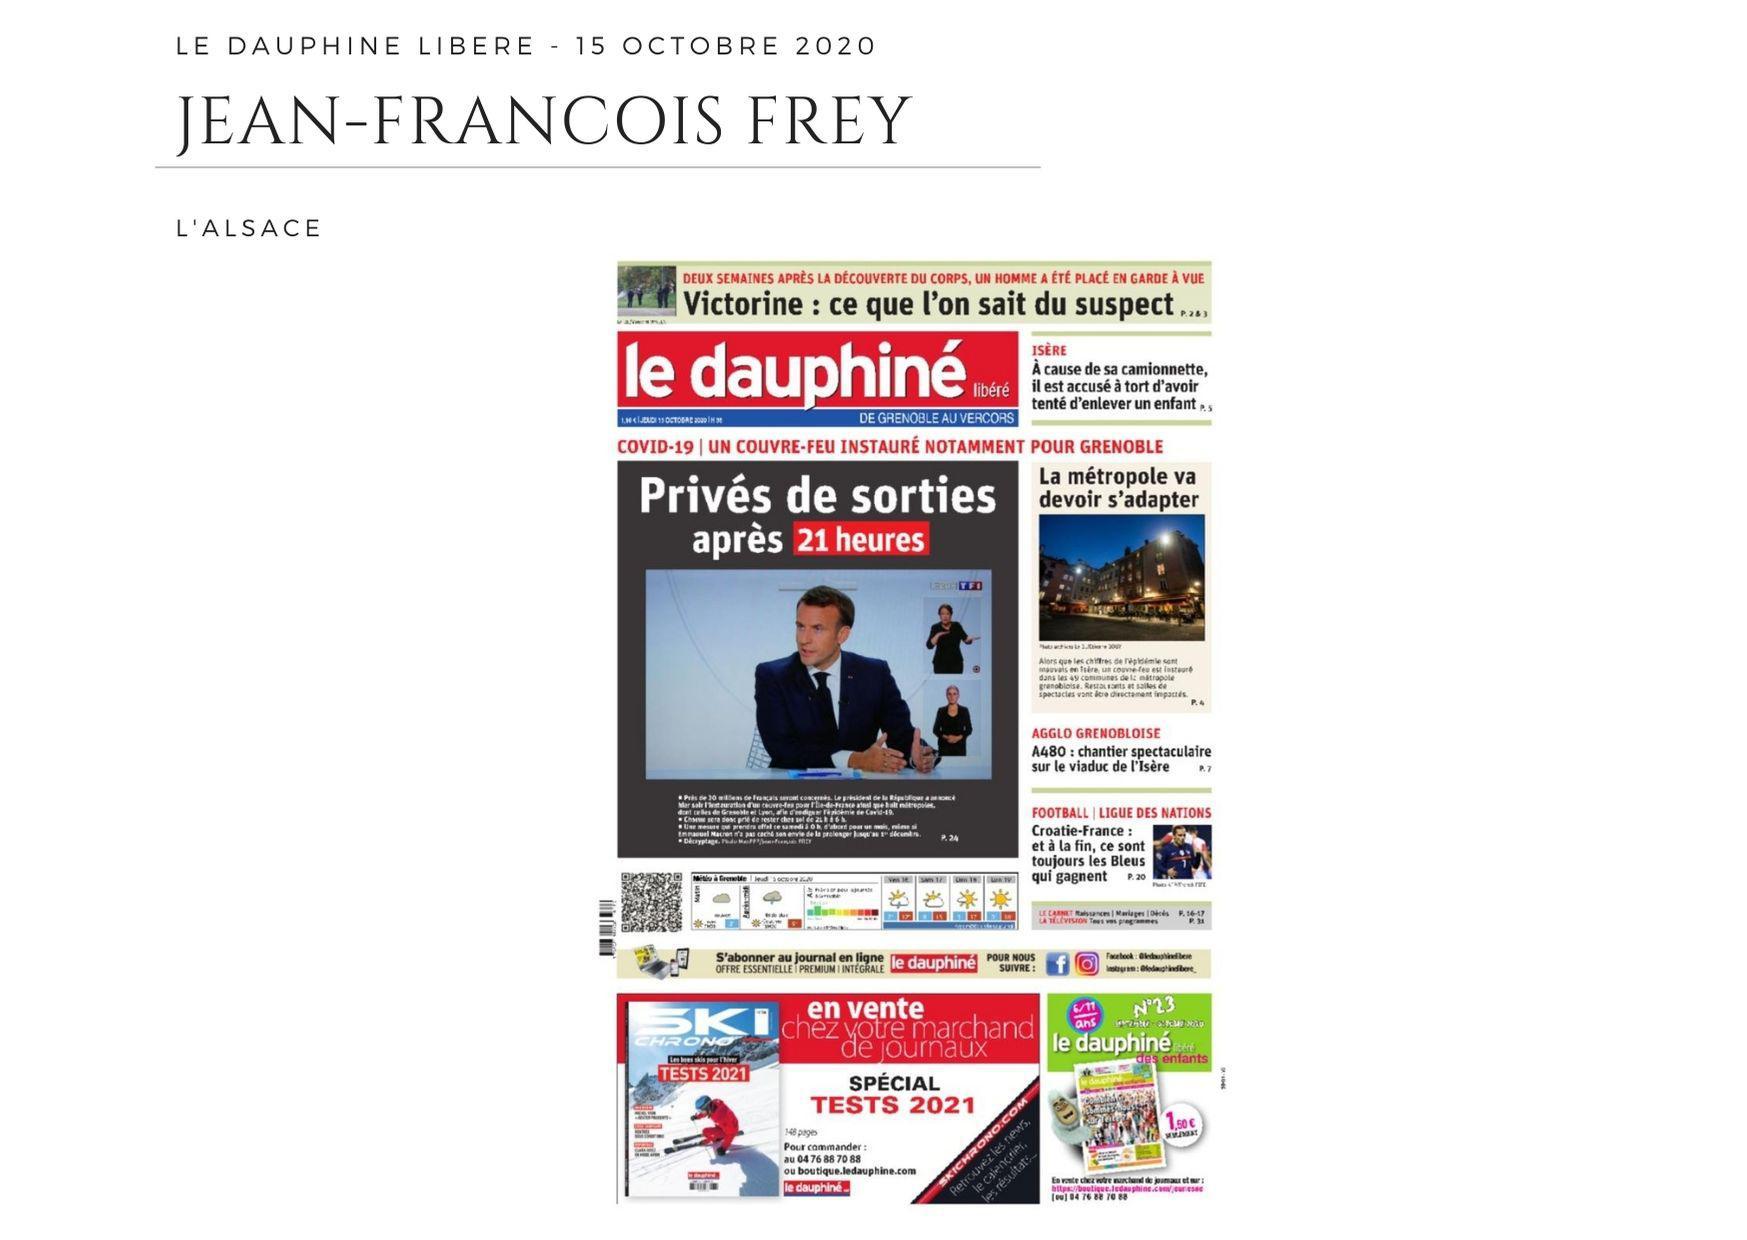 La Dauphiné Libéré - 15 octobre 2020